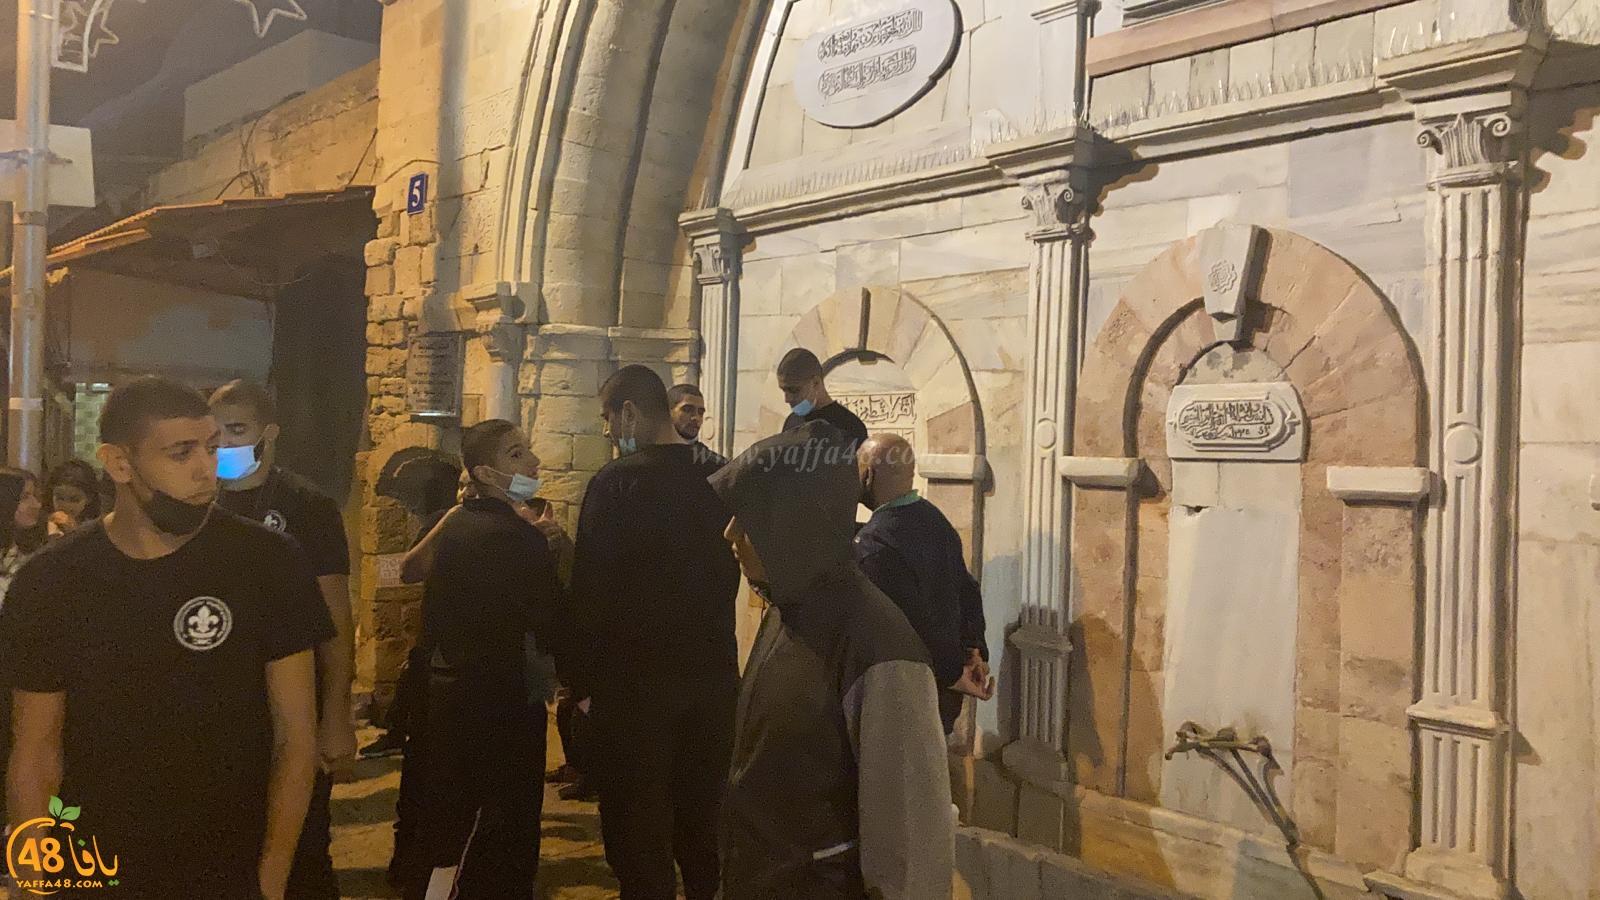 أعضاء كشاف النادي الاسلامي يافا يتعرفون على السبل الخيرية